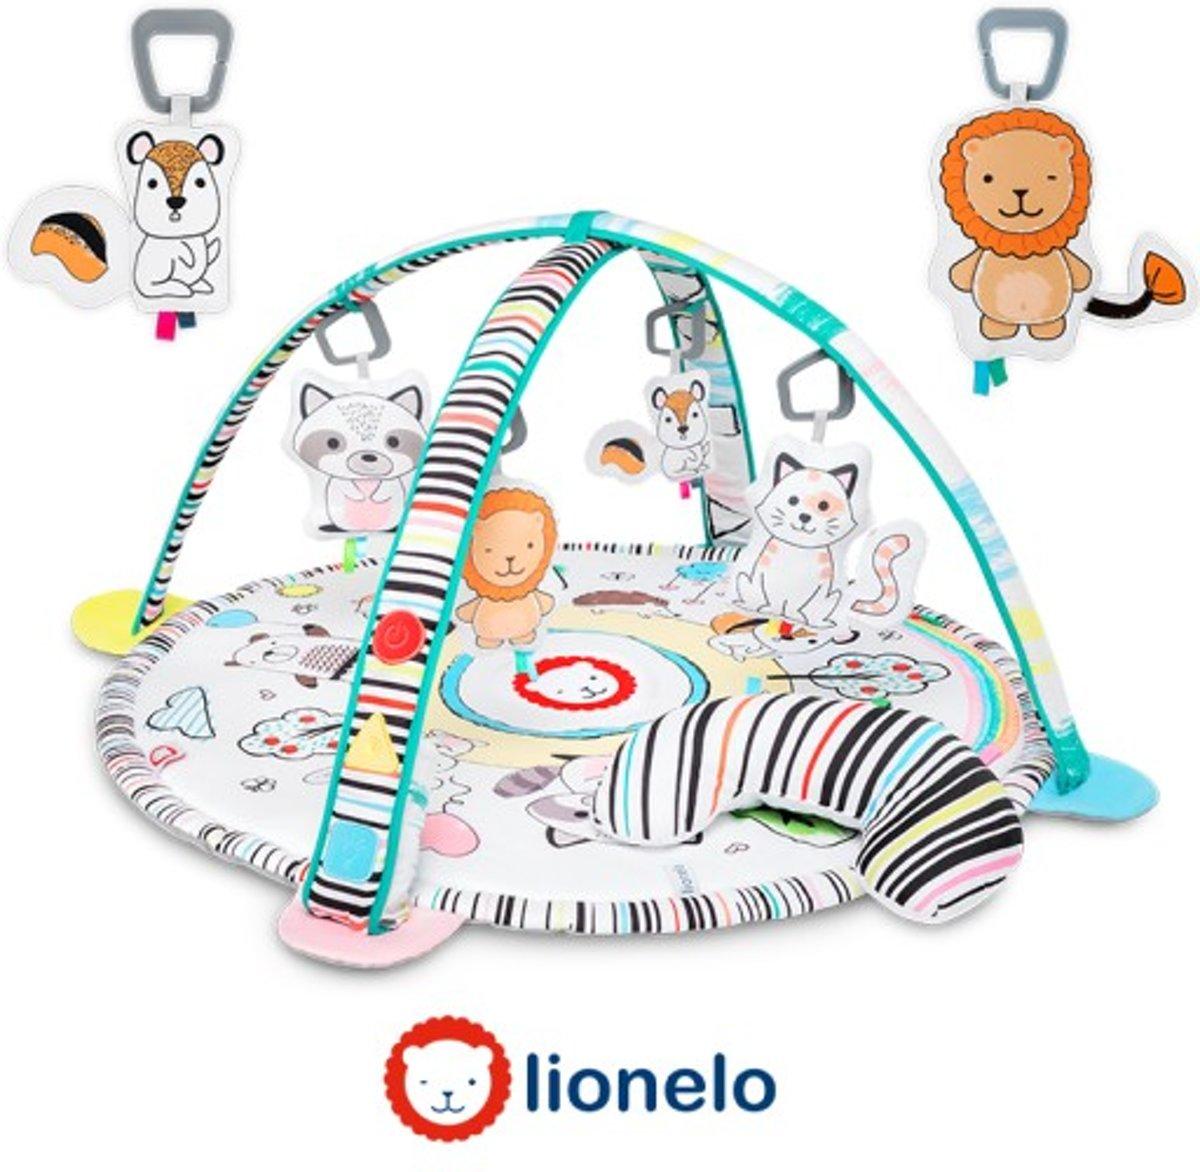 Lionelo Paula - Educatieve speelmat - Activity Gym met licht, muziek en speeltjes